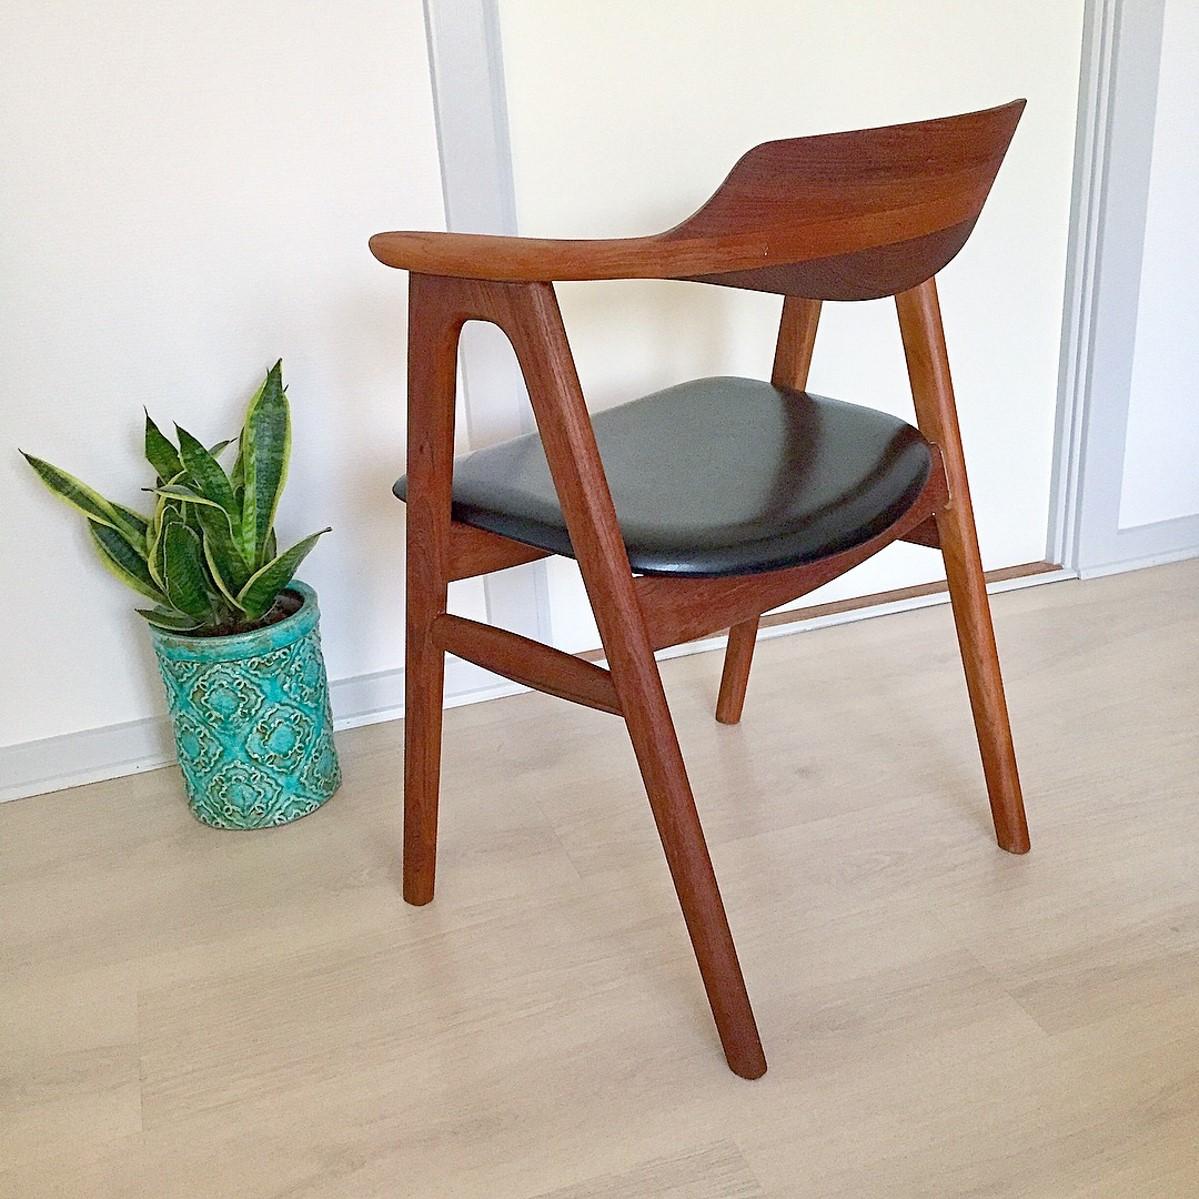 Har efterfølgende fundet ud af at stolen er designet af Erik Buch tilbage i 60'erne.